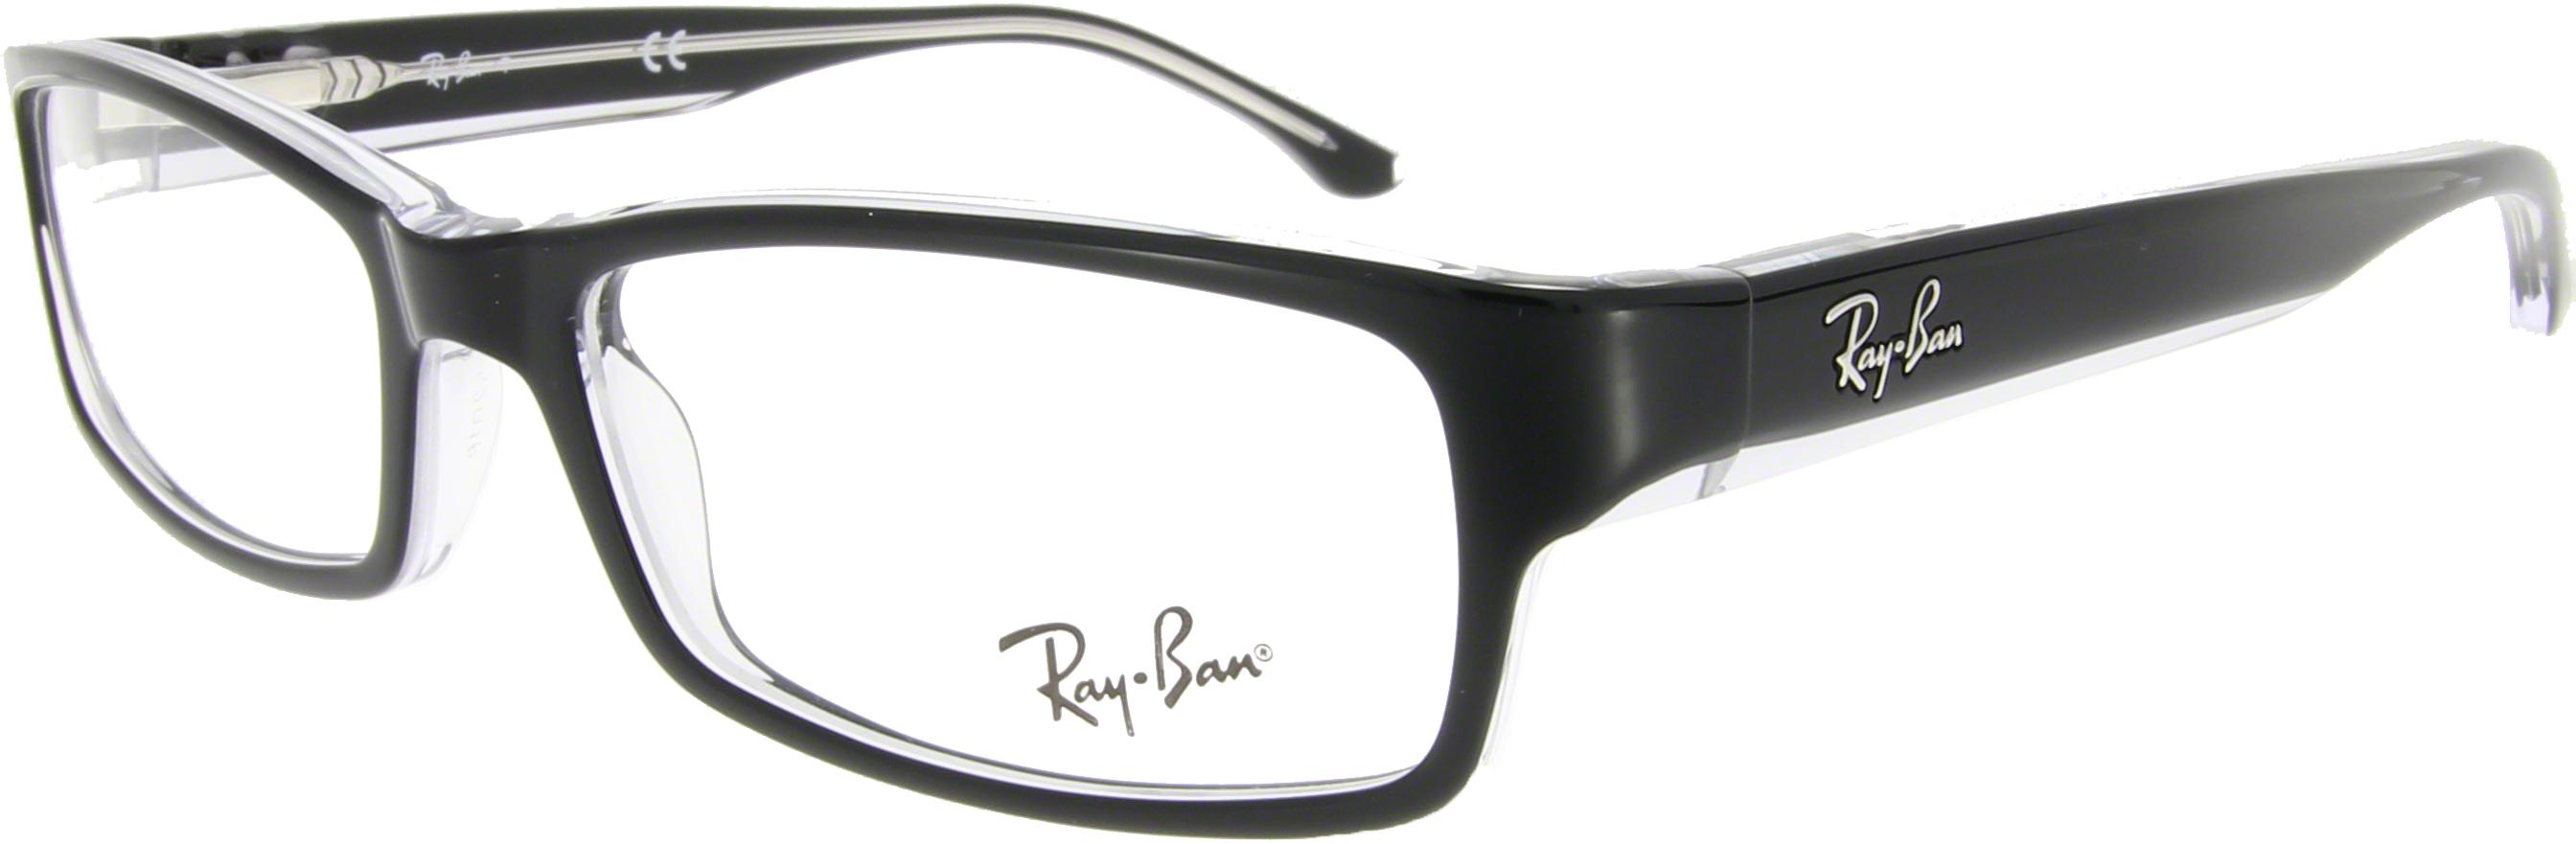 Ray Ban Brillen beim günstigen Online-Optiker my-Spexx